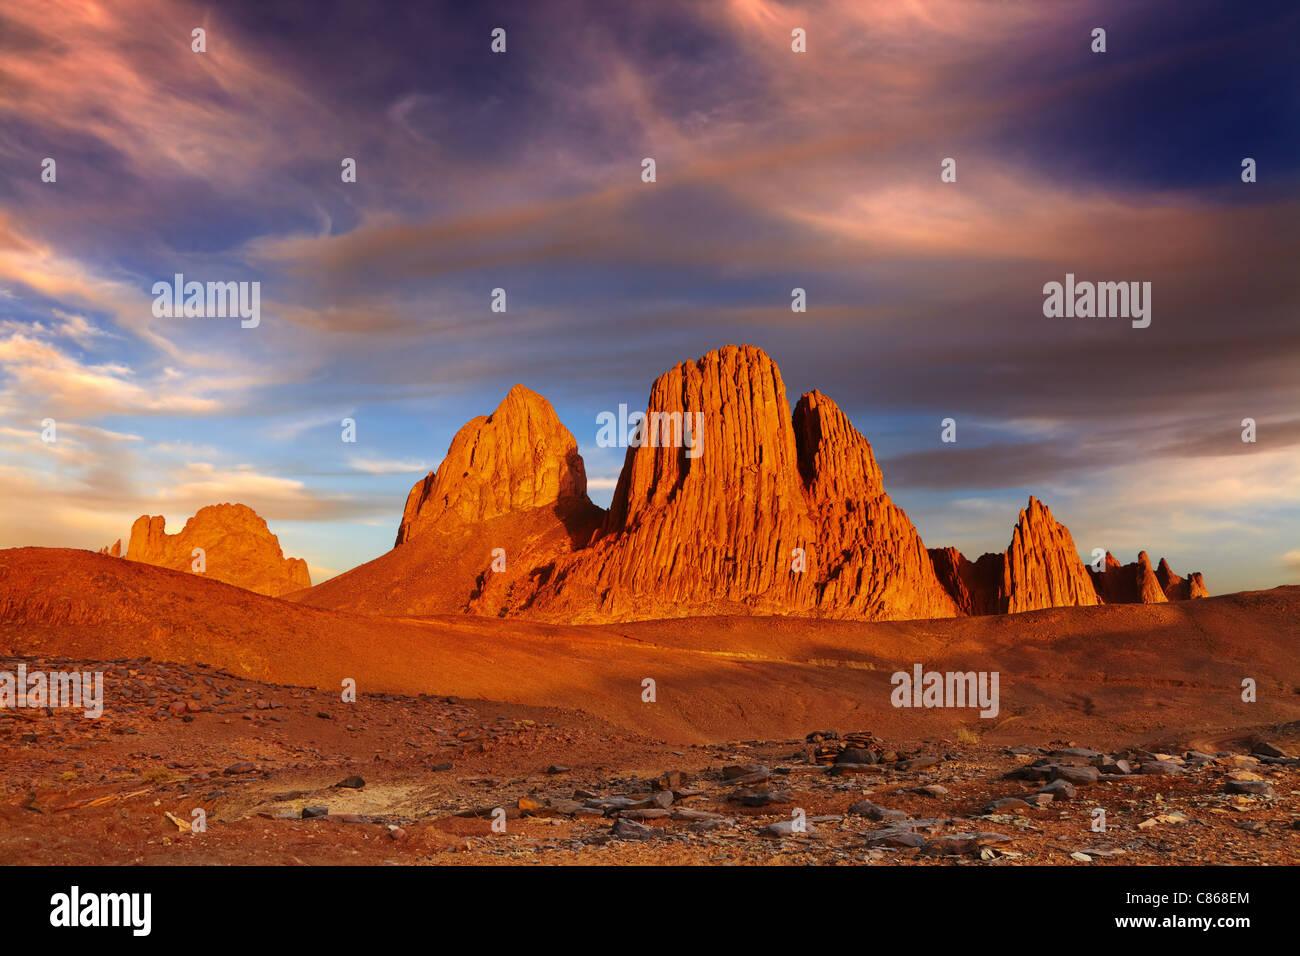 Coucher de soleil dans le Sahara, du Hoggar, Algérie Photo Stock